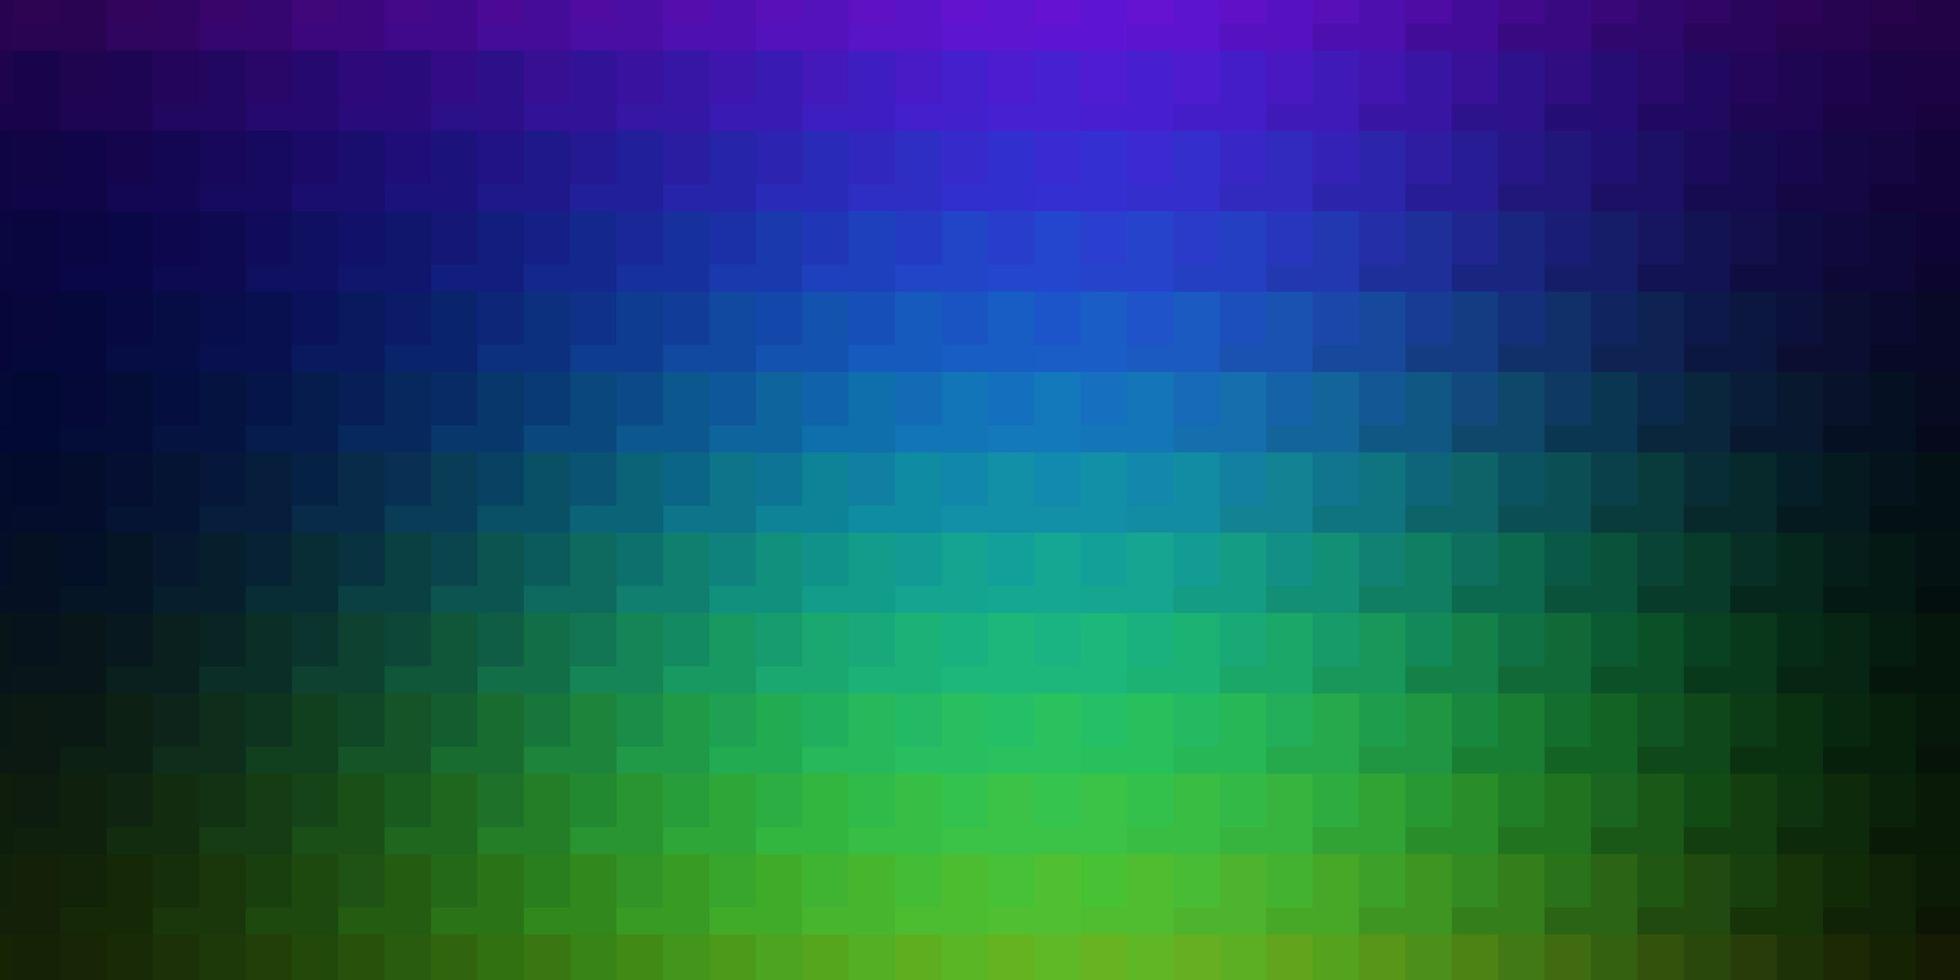 ljus flerfärgad vektorstruktur i rektangulär stil. vektor